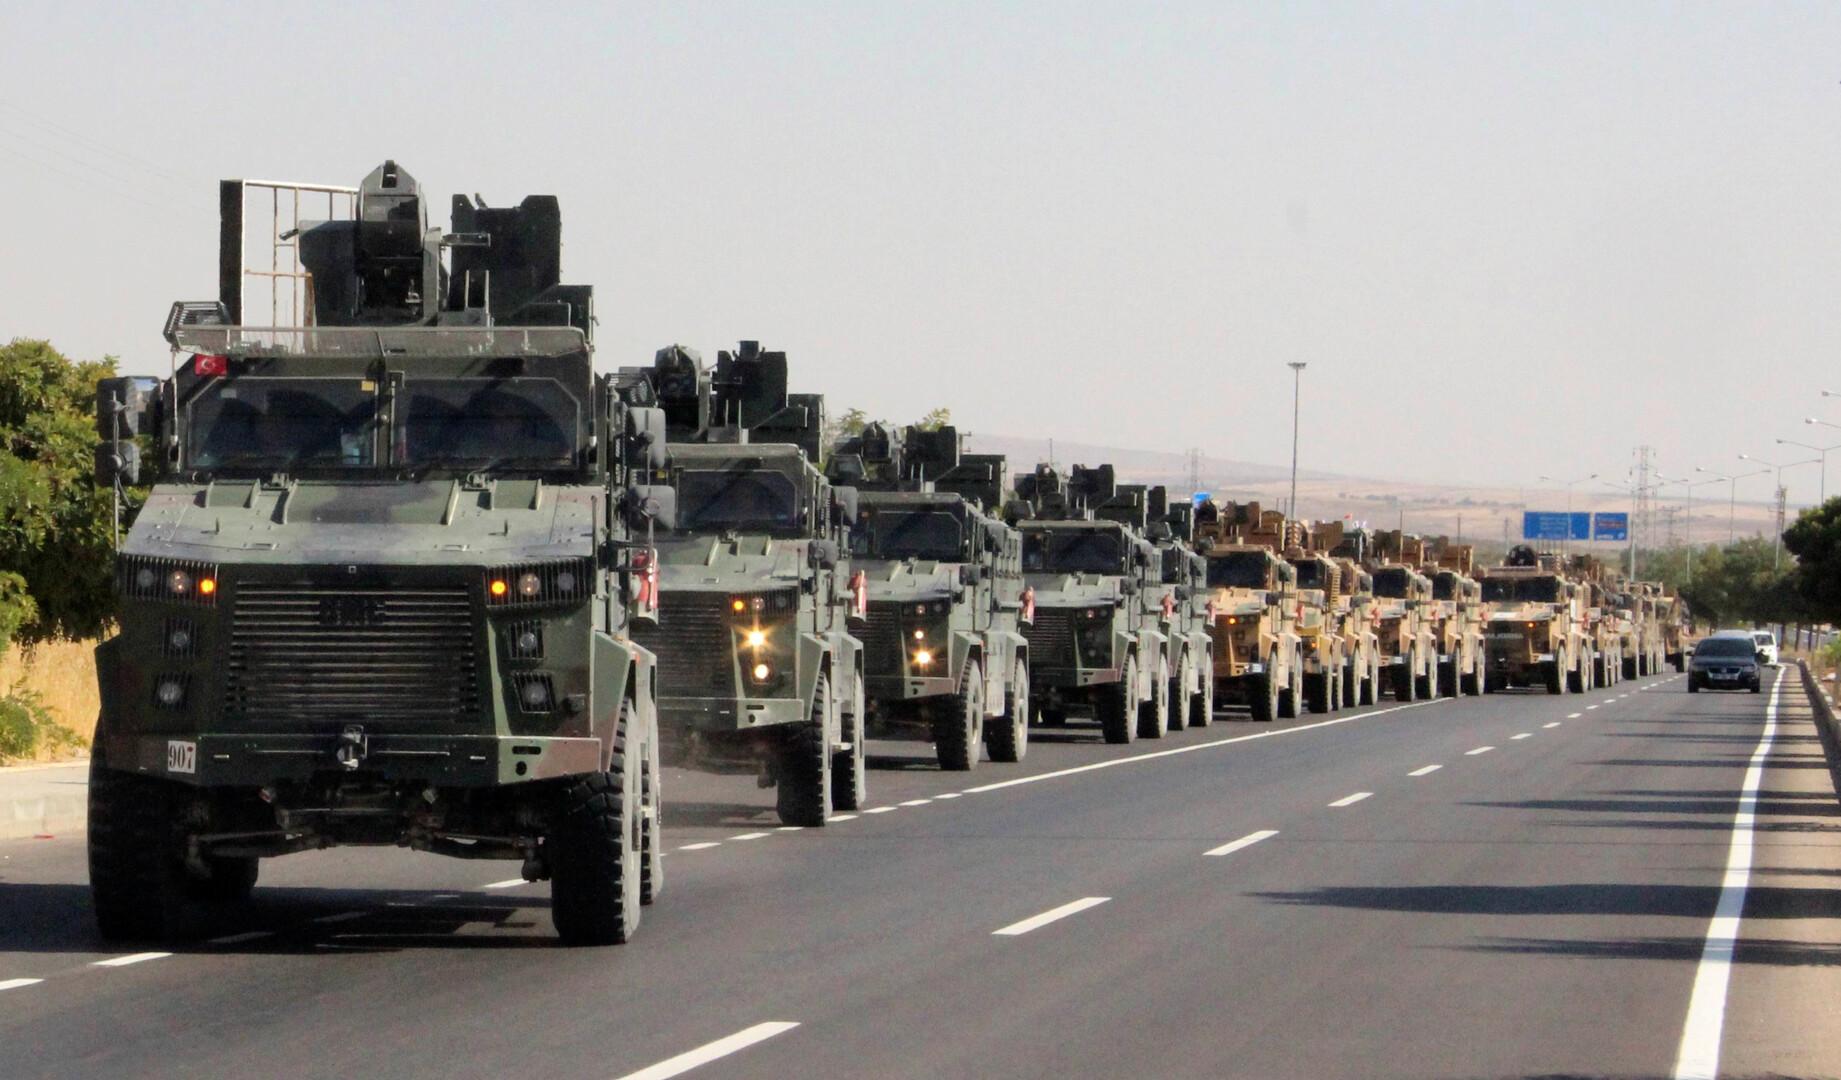 حشود عسكرية تركية قرب الحدود السورية